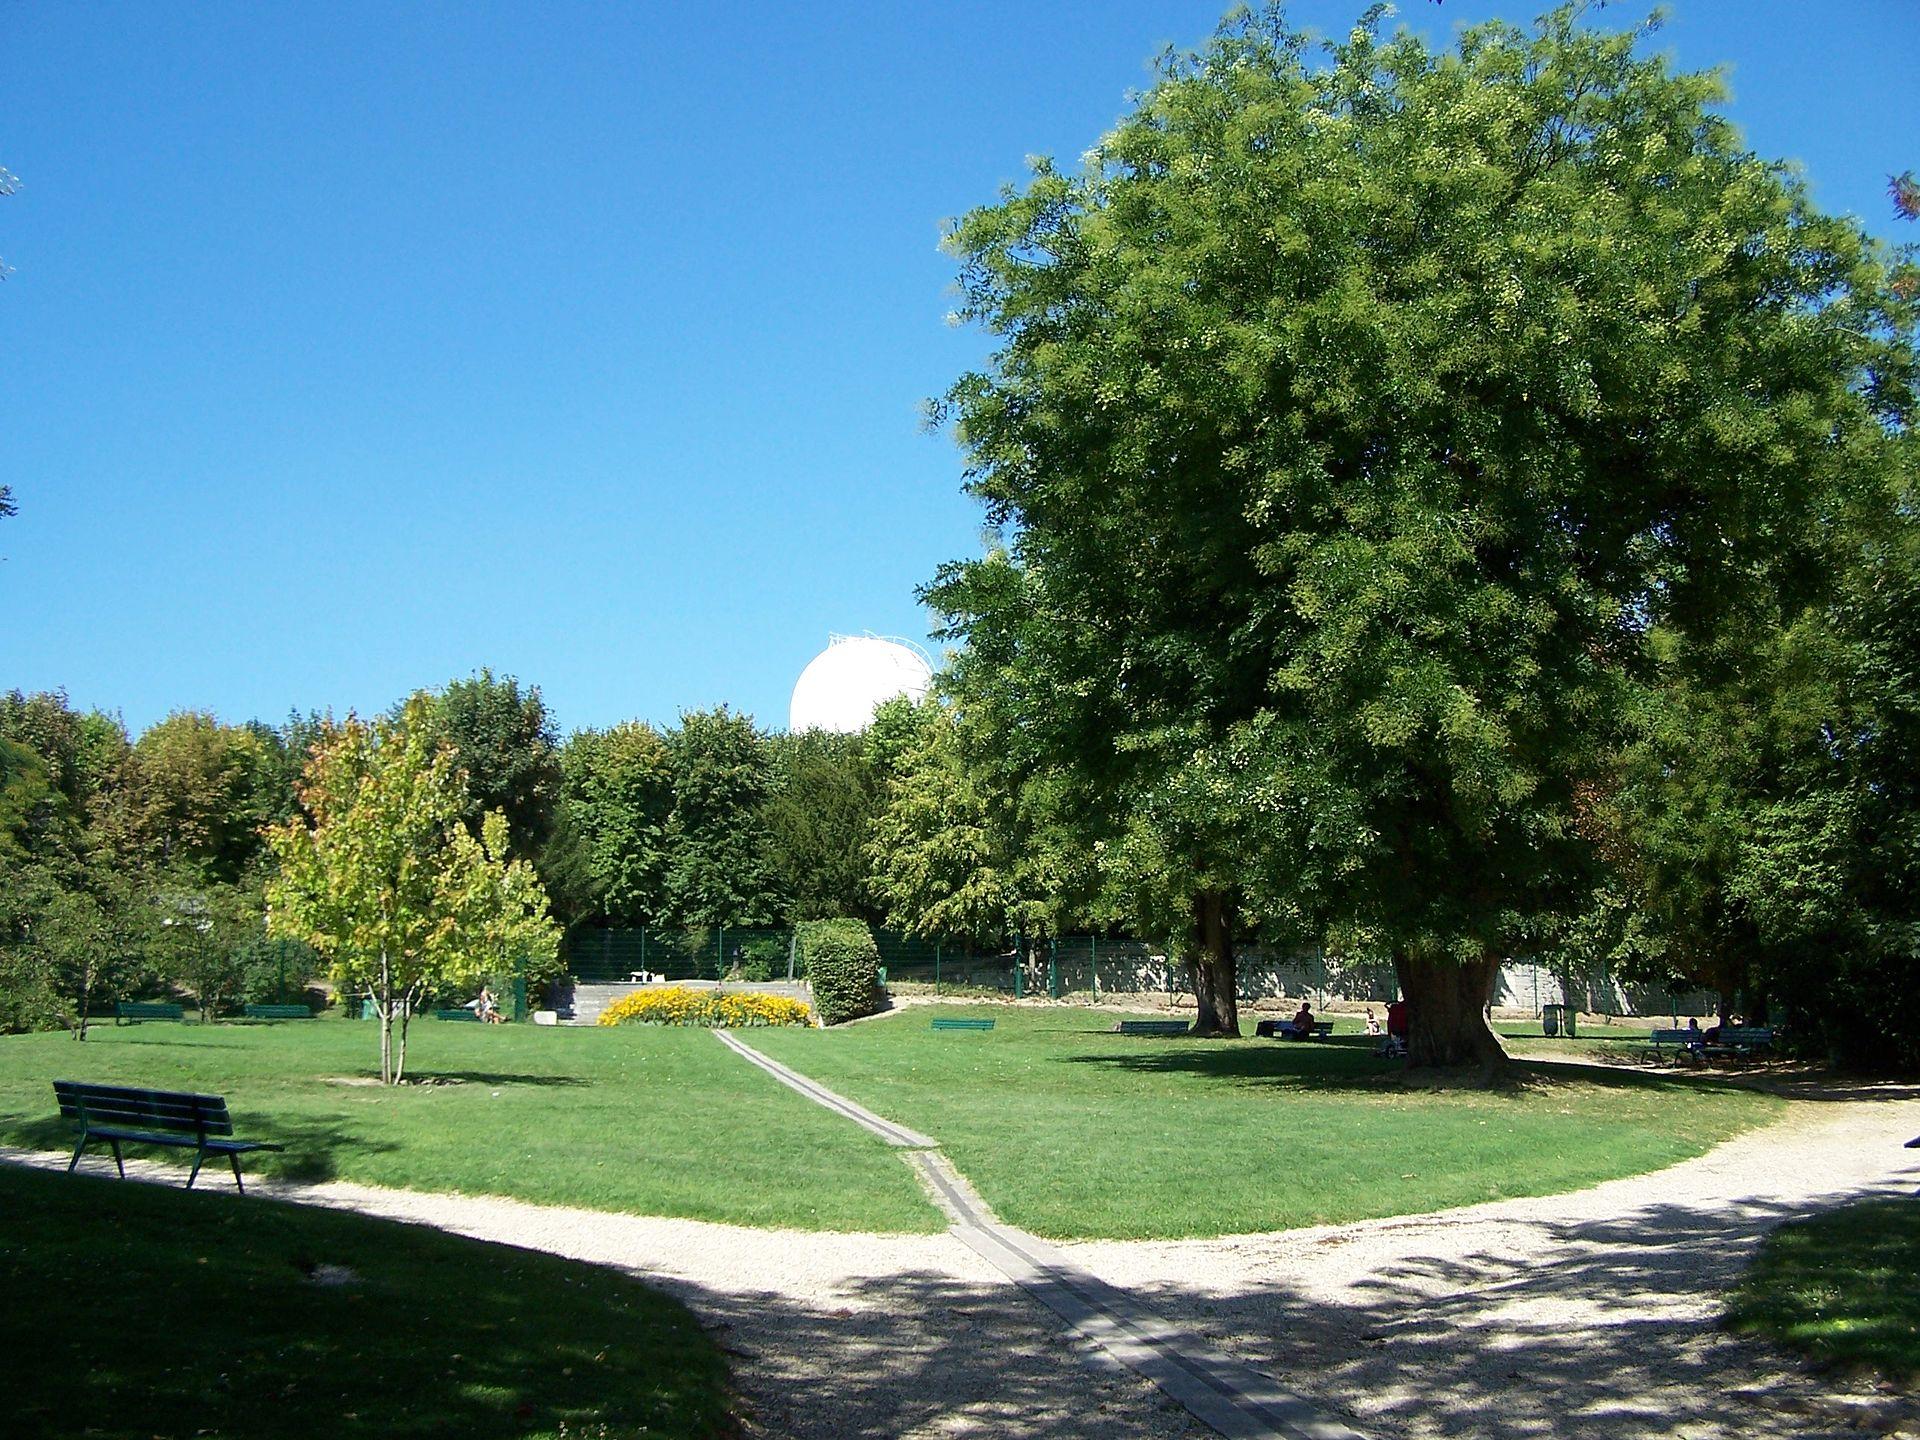 Jardin de l 39 observatoire de paris wikip dia for Boulevard du jardin botanique 20 22